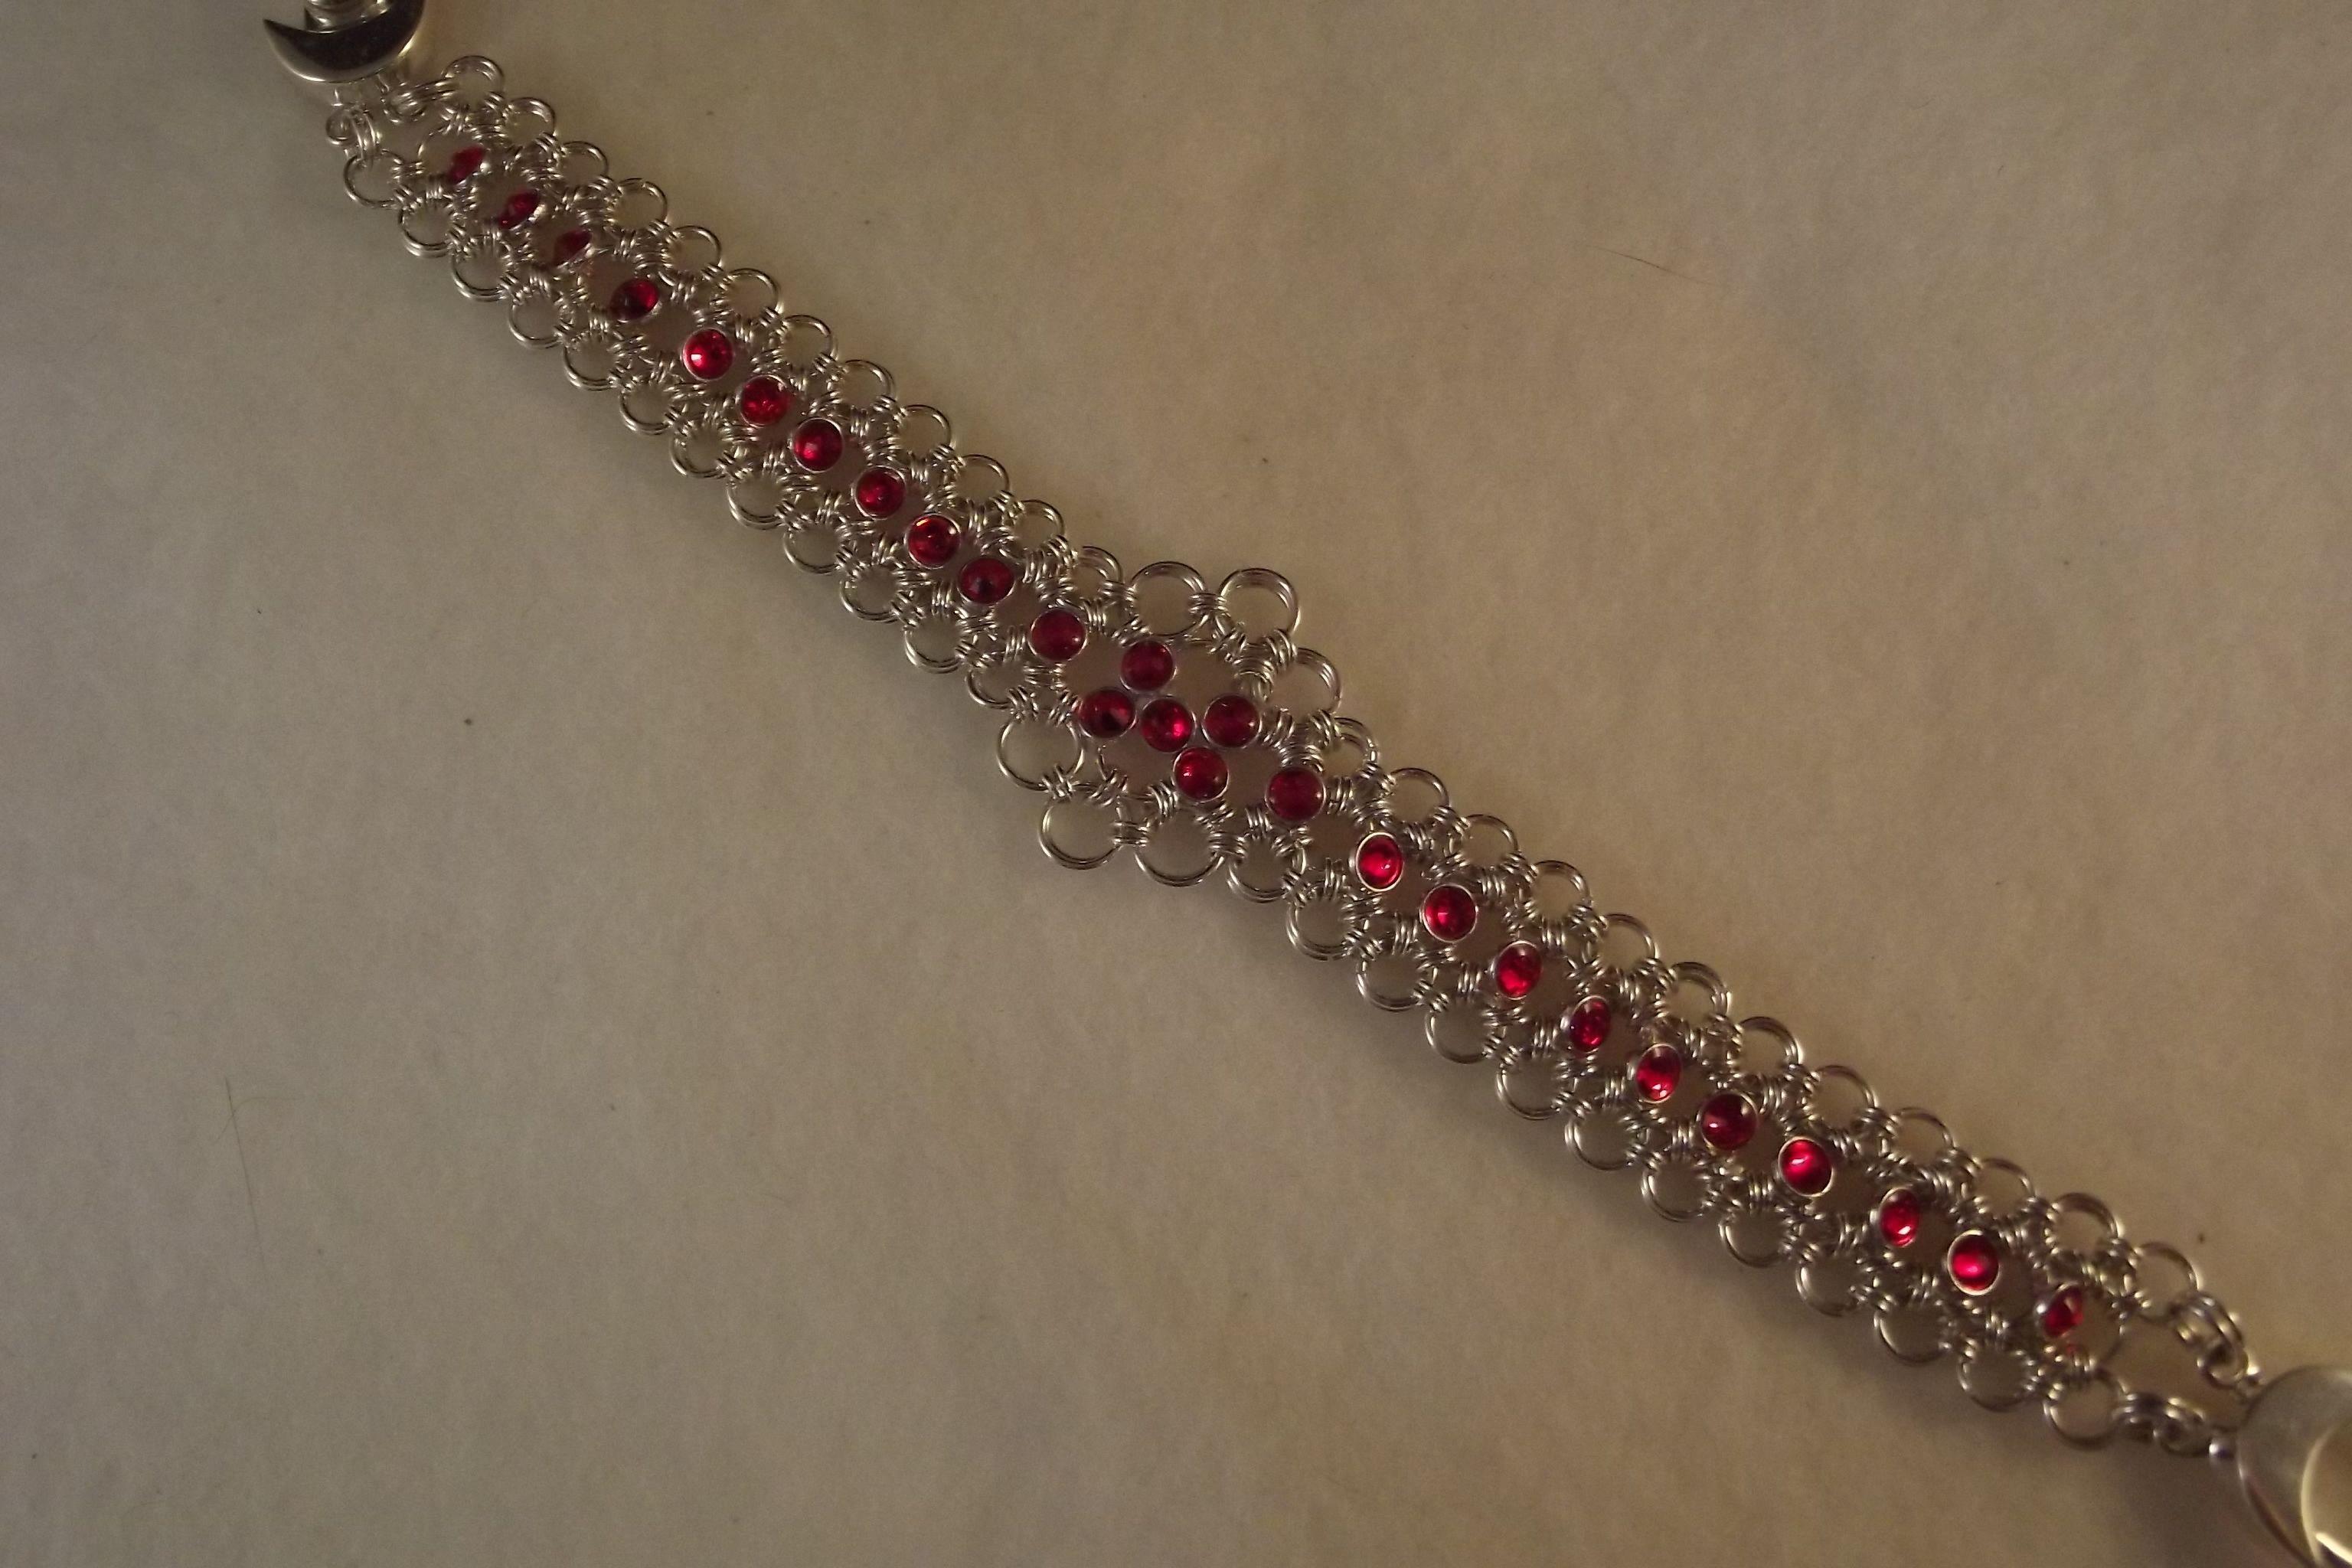 Crystalett Lace in Maille Bracelet